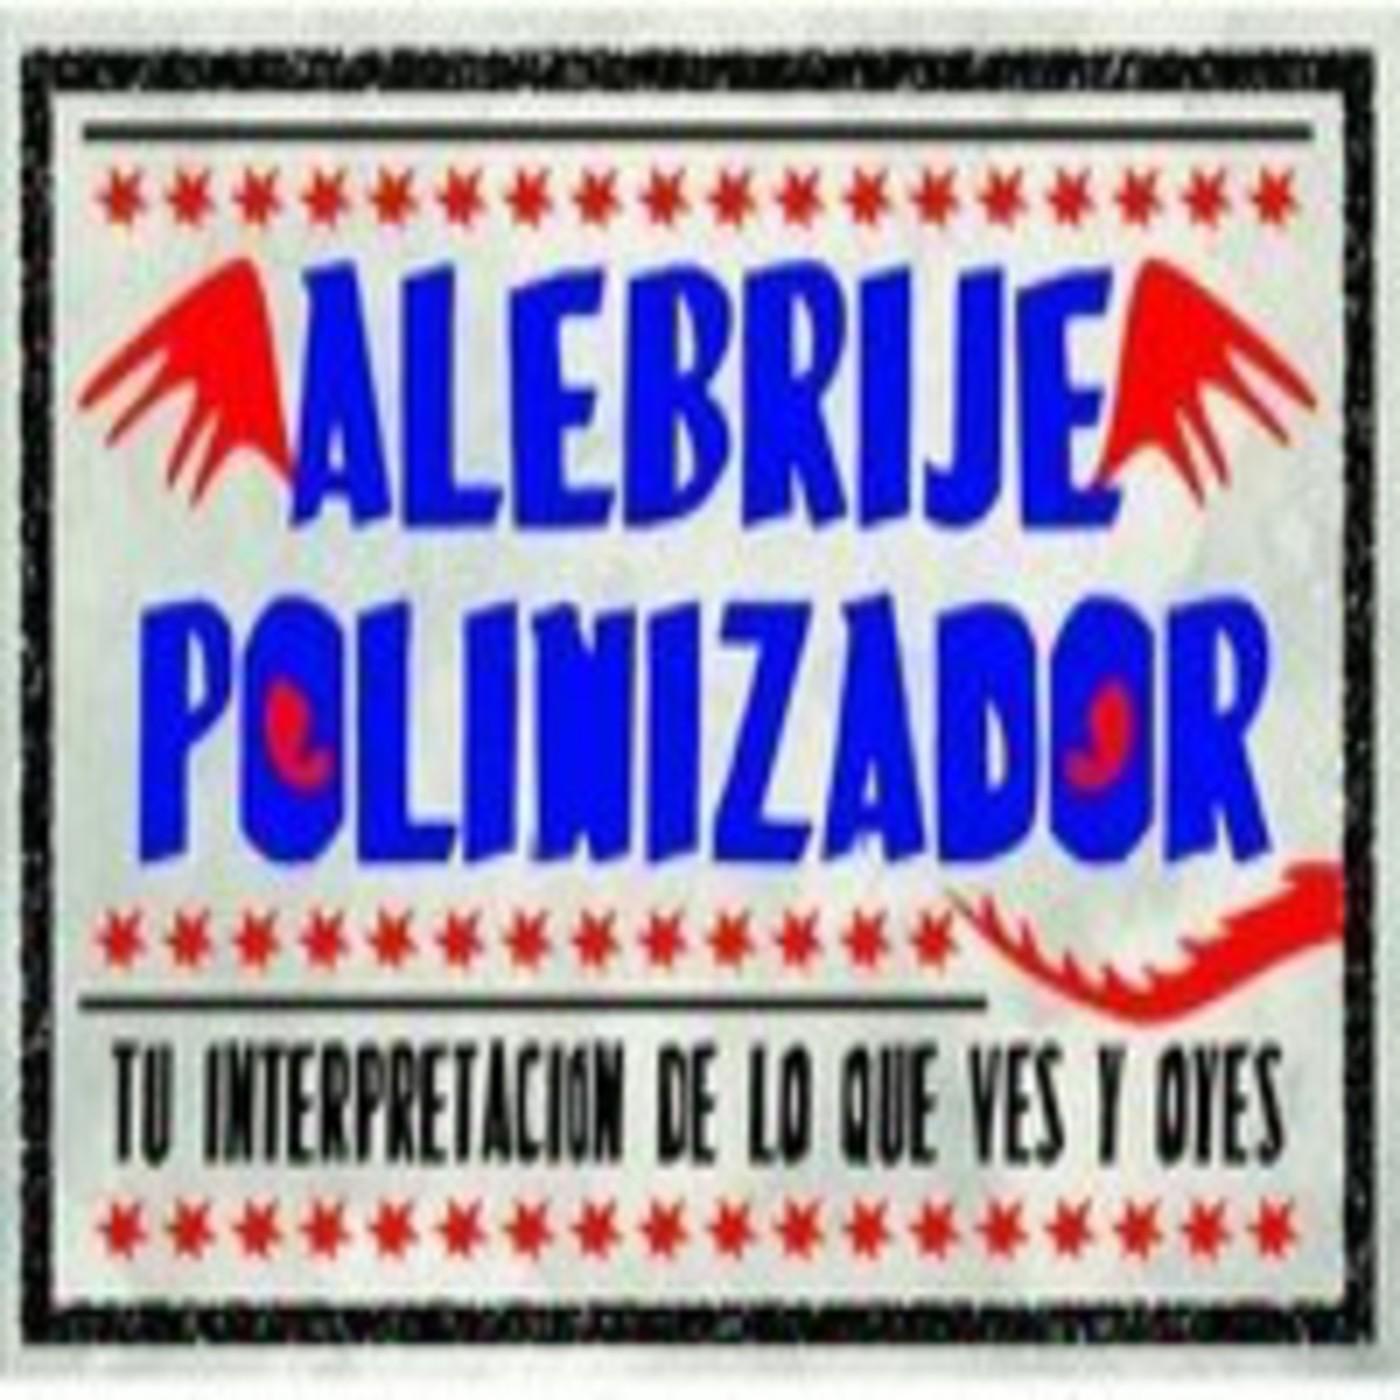 <![CDATA[El Alebrije Polinizador]]>